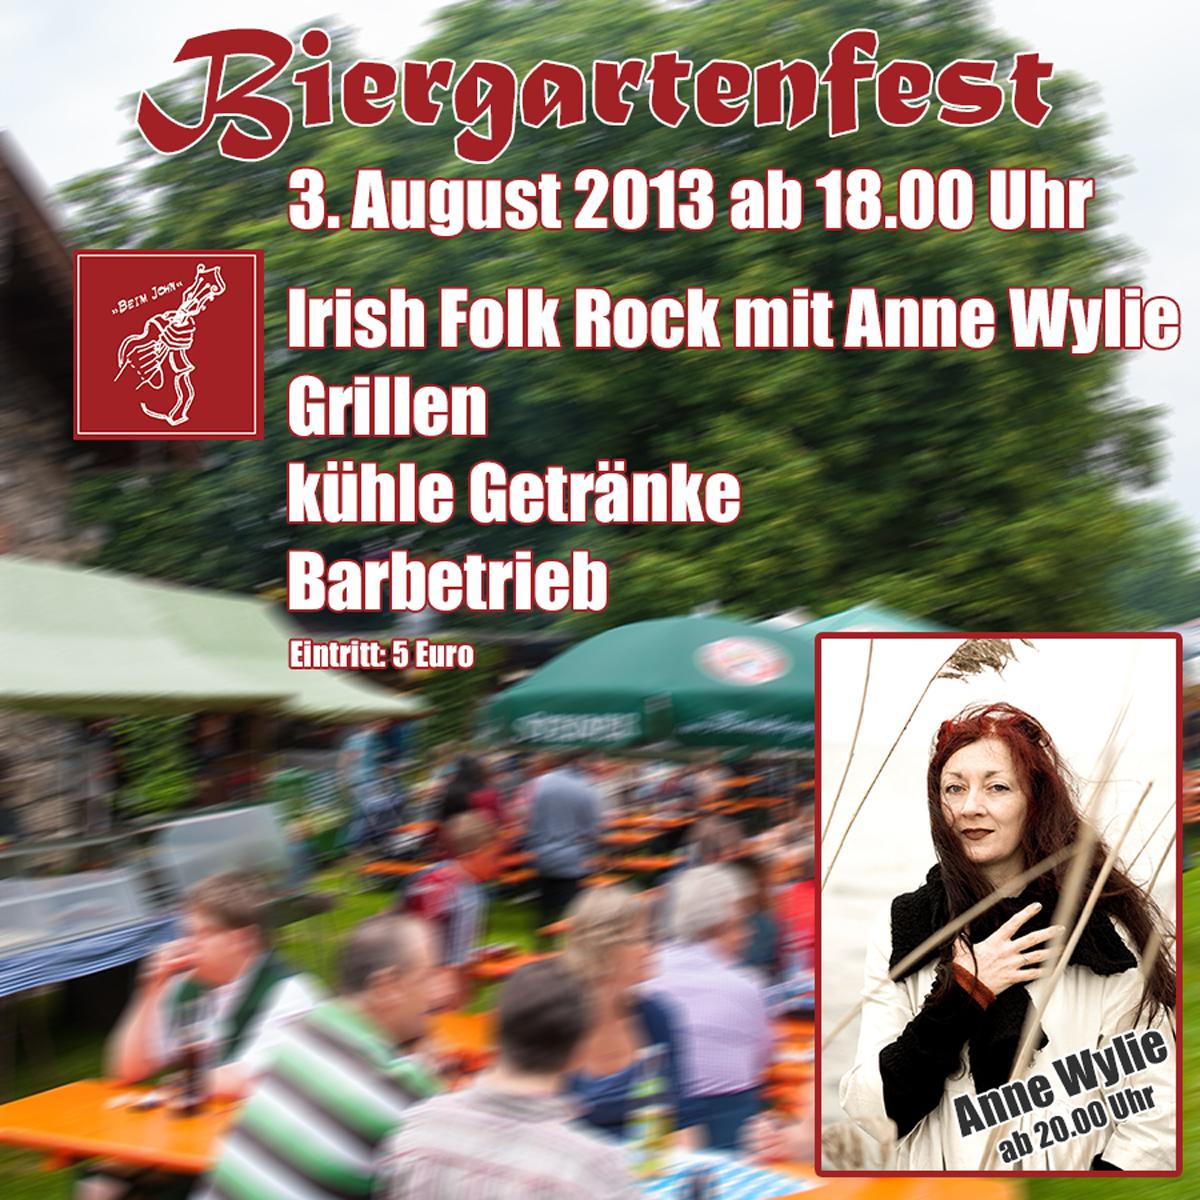 Biergartenfest - Gasthof zur Post - Obing